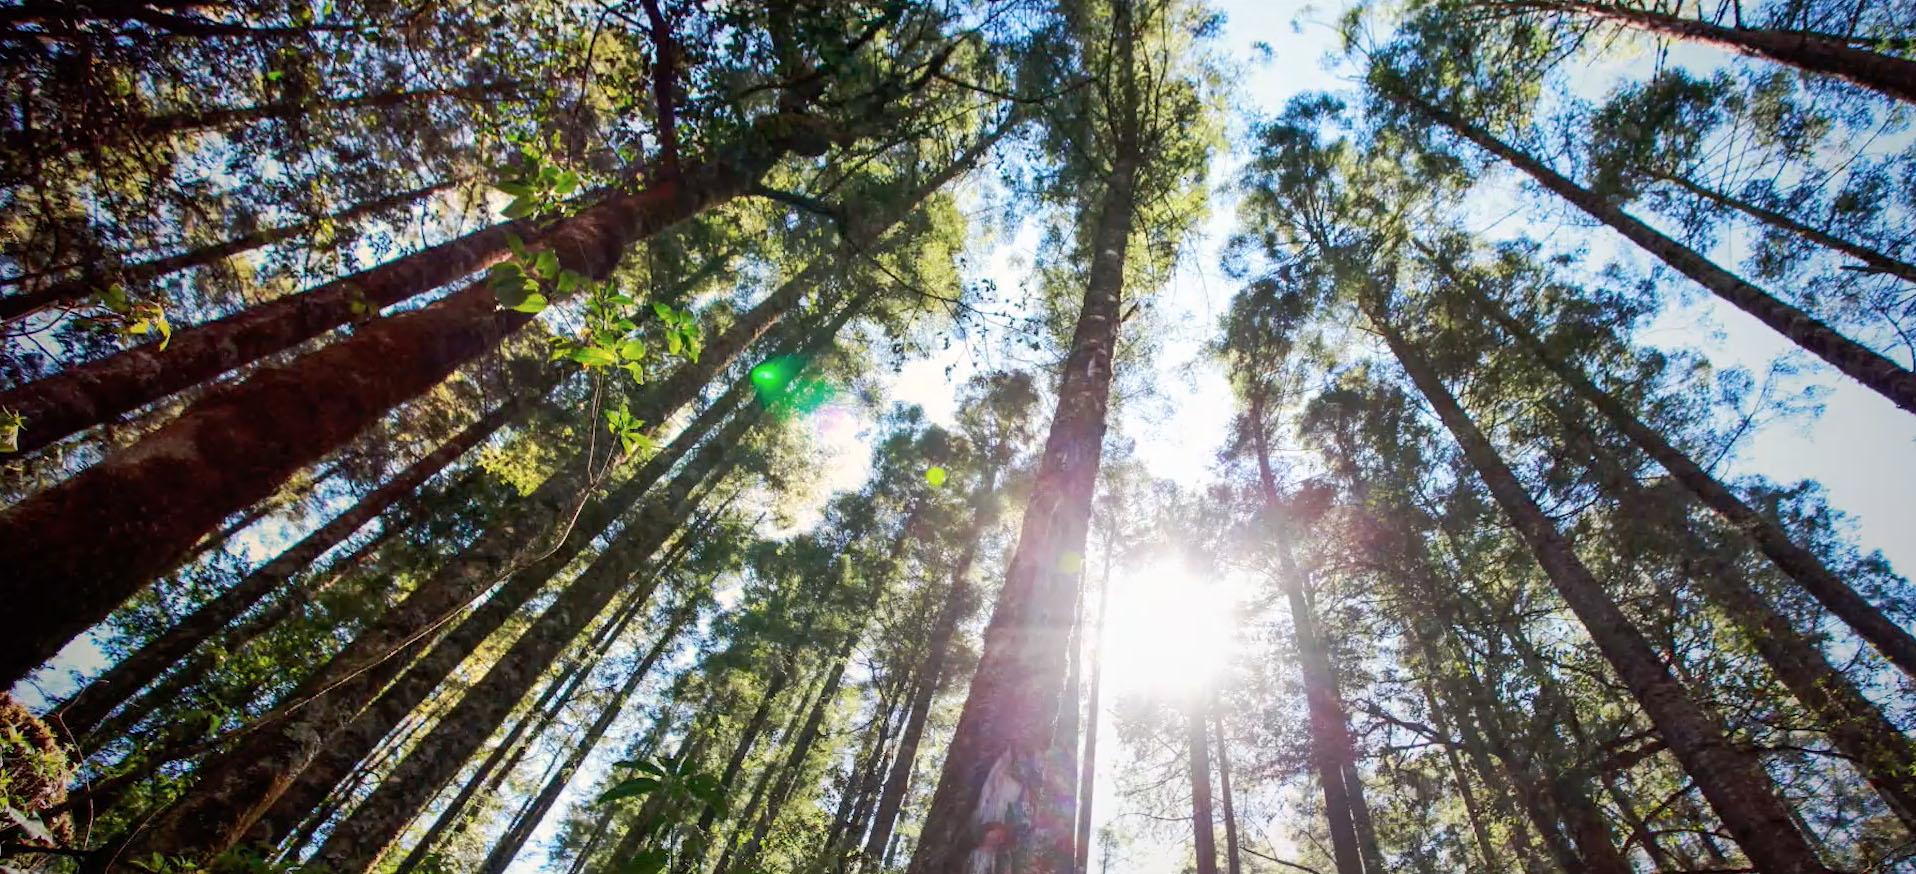 El objetivo de esta celebración es generar conciencia sobre el valor que tienen los árboles en los distintos ecosistemas en los que vivimos.